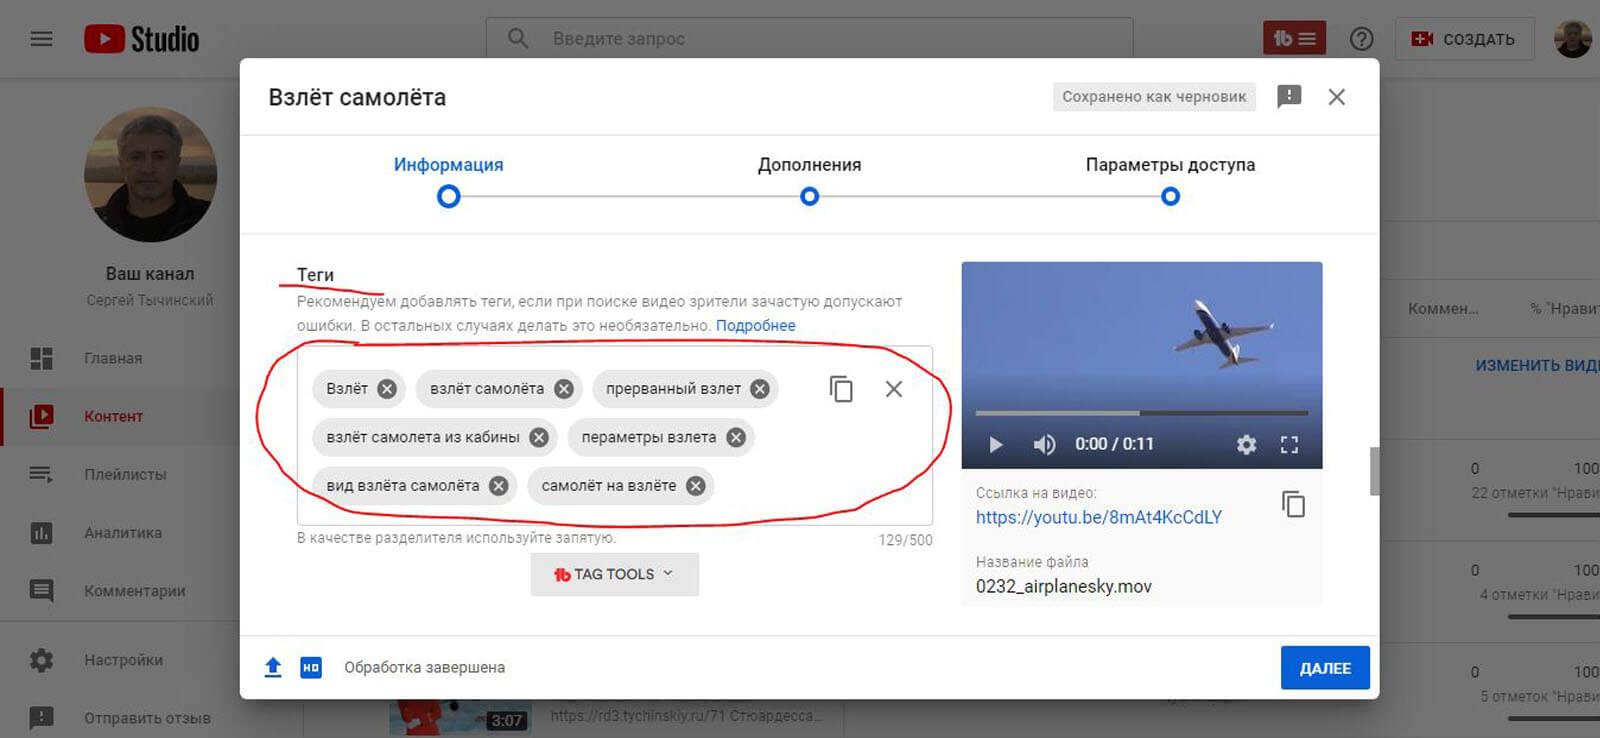 Серия из 5 видео или как раскрутить свой канал на ютуб